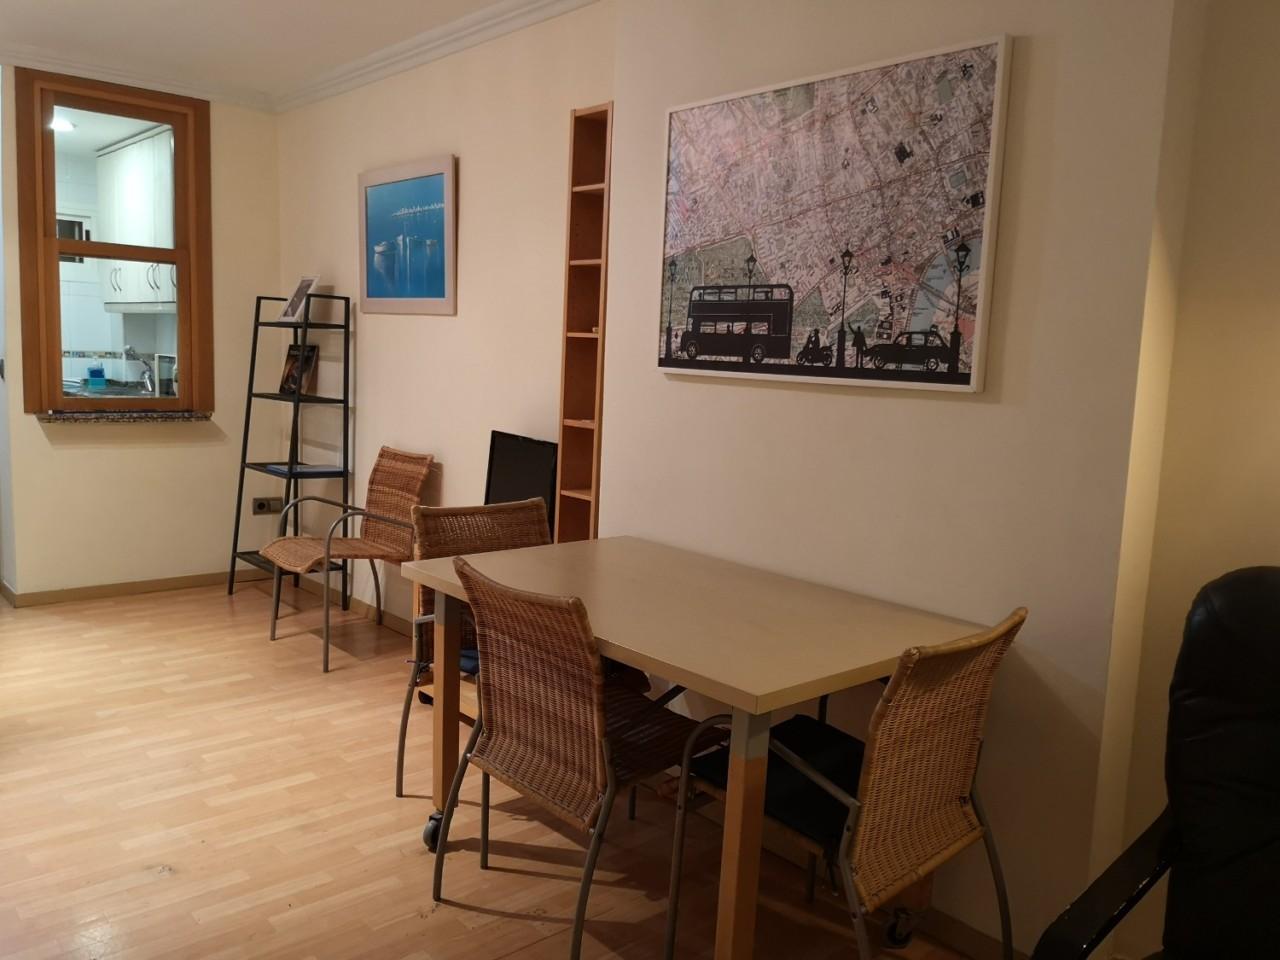 Studio Apartment in Parque De La Paloma, Benalmádena, Málaga, Spain